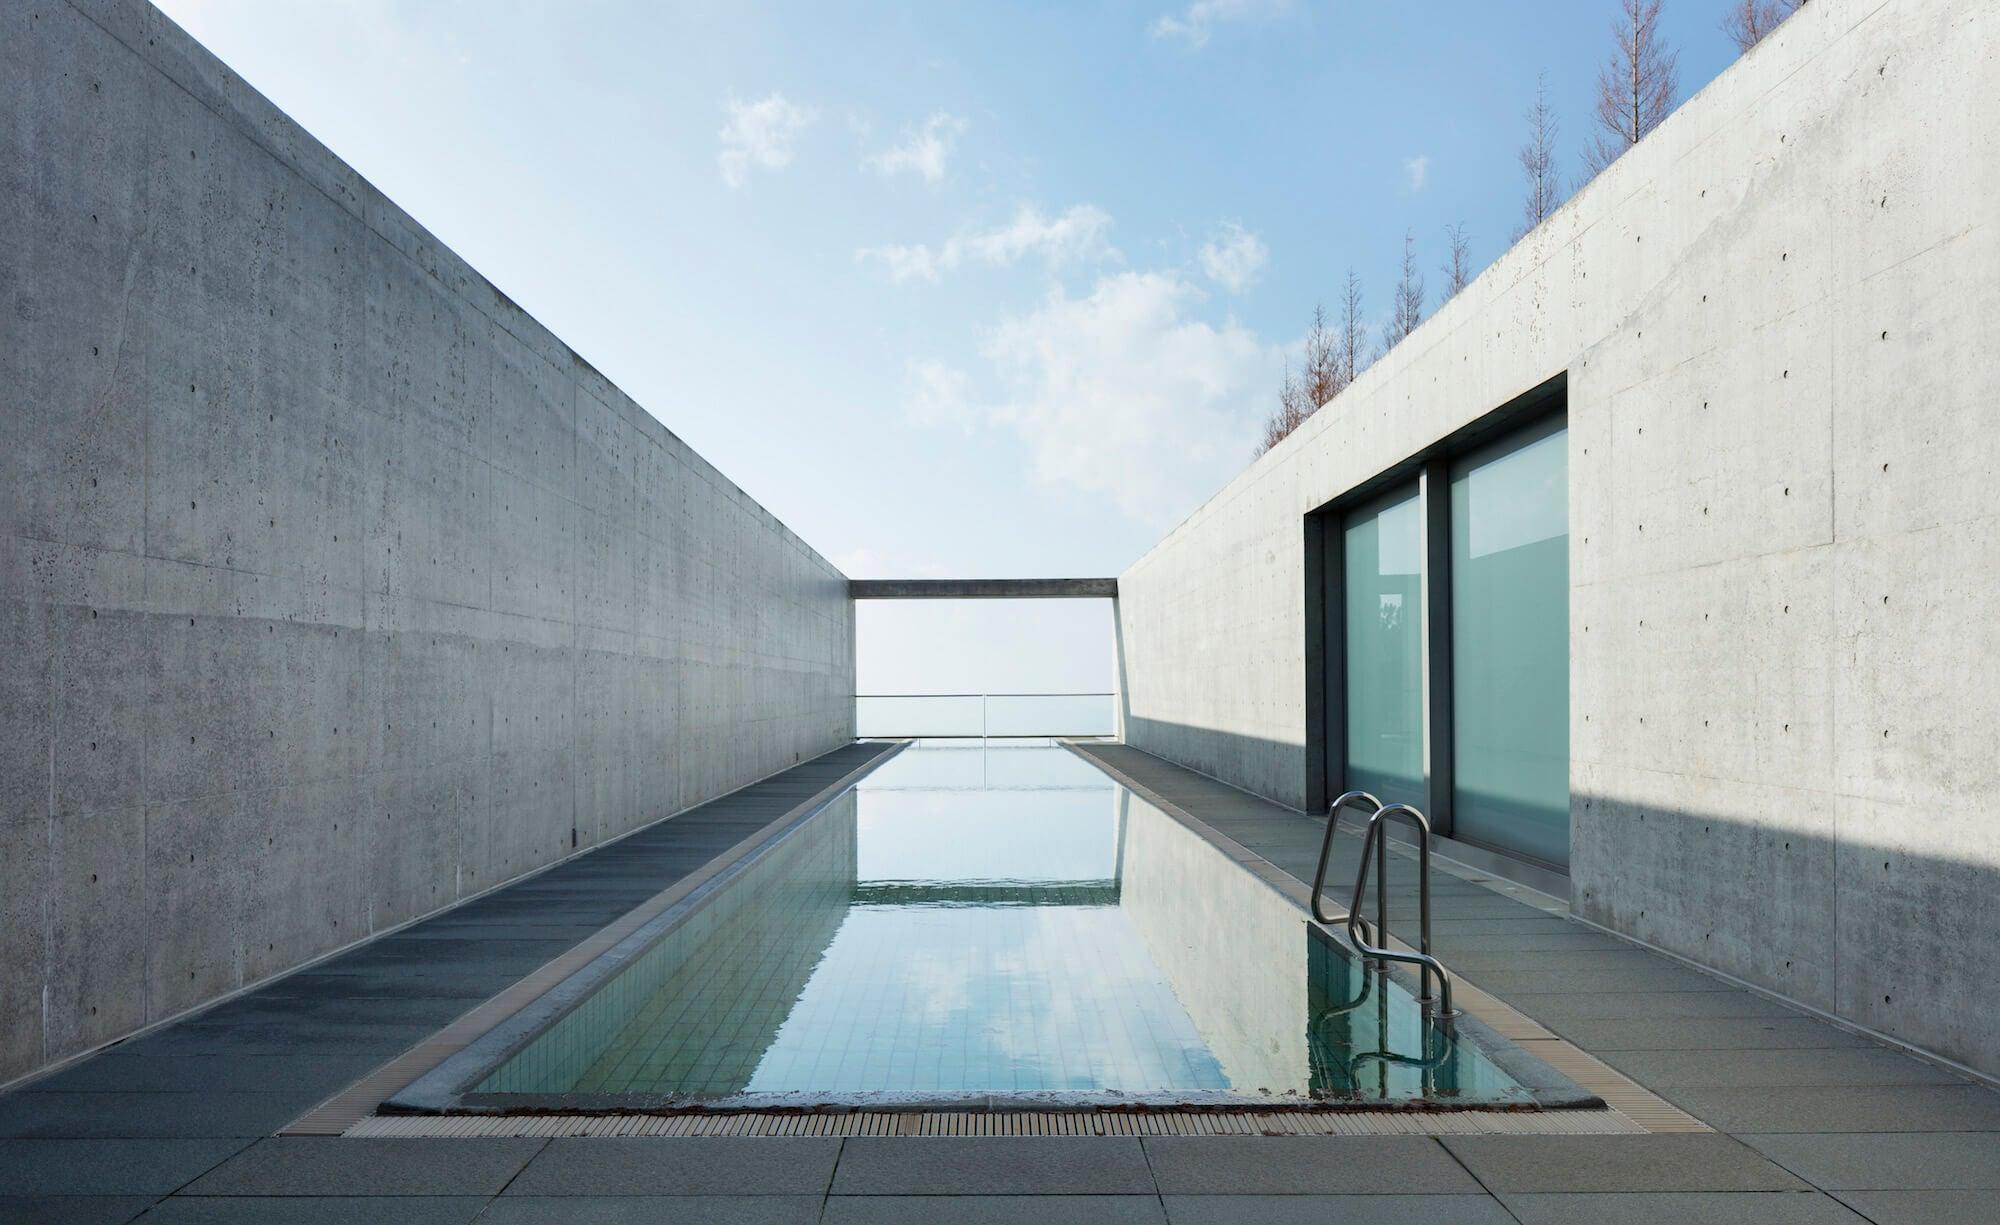 La arquitectura serena de Tadao Ando